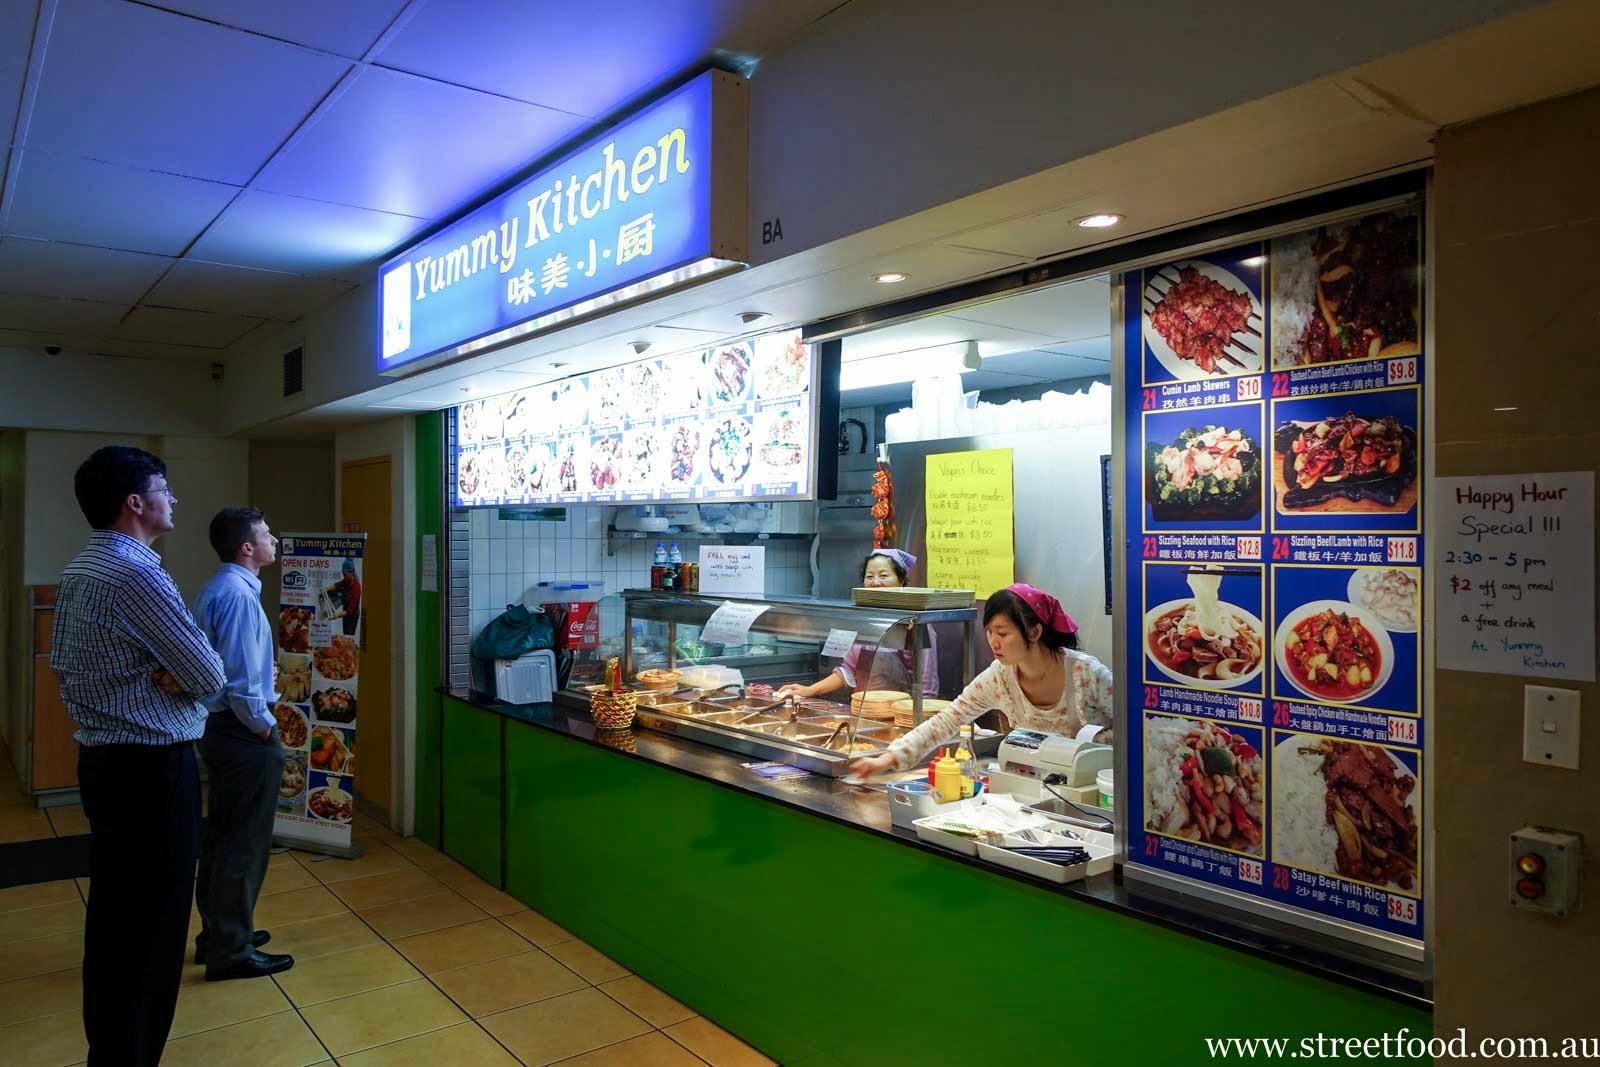 B-Kyu: Yummy Kitchen ~ Northern Chinese - Pittsway Arcade